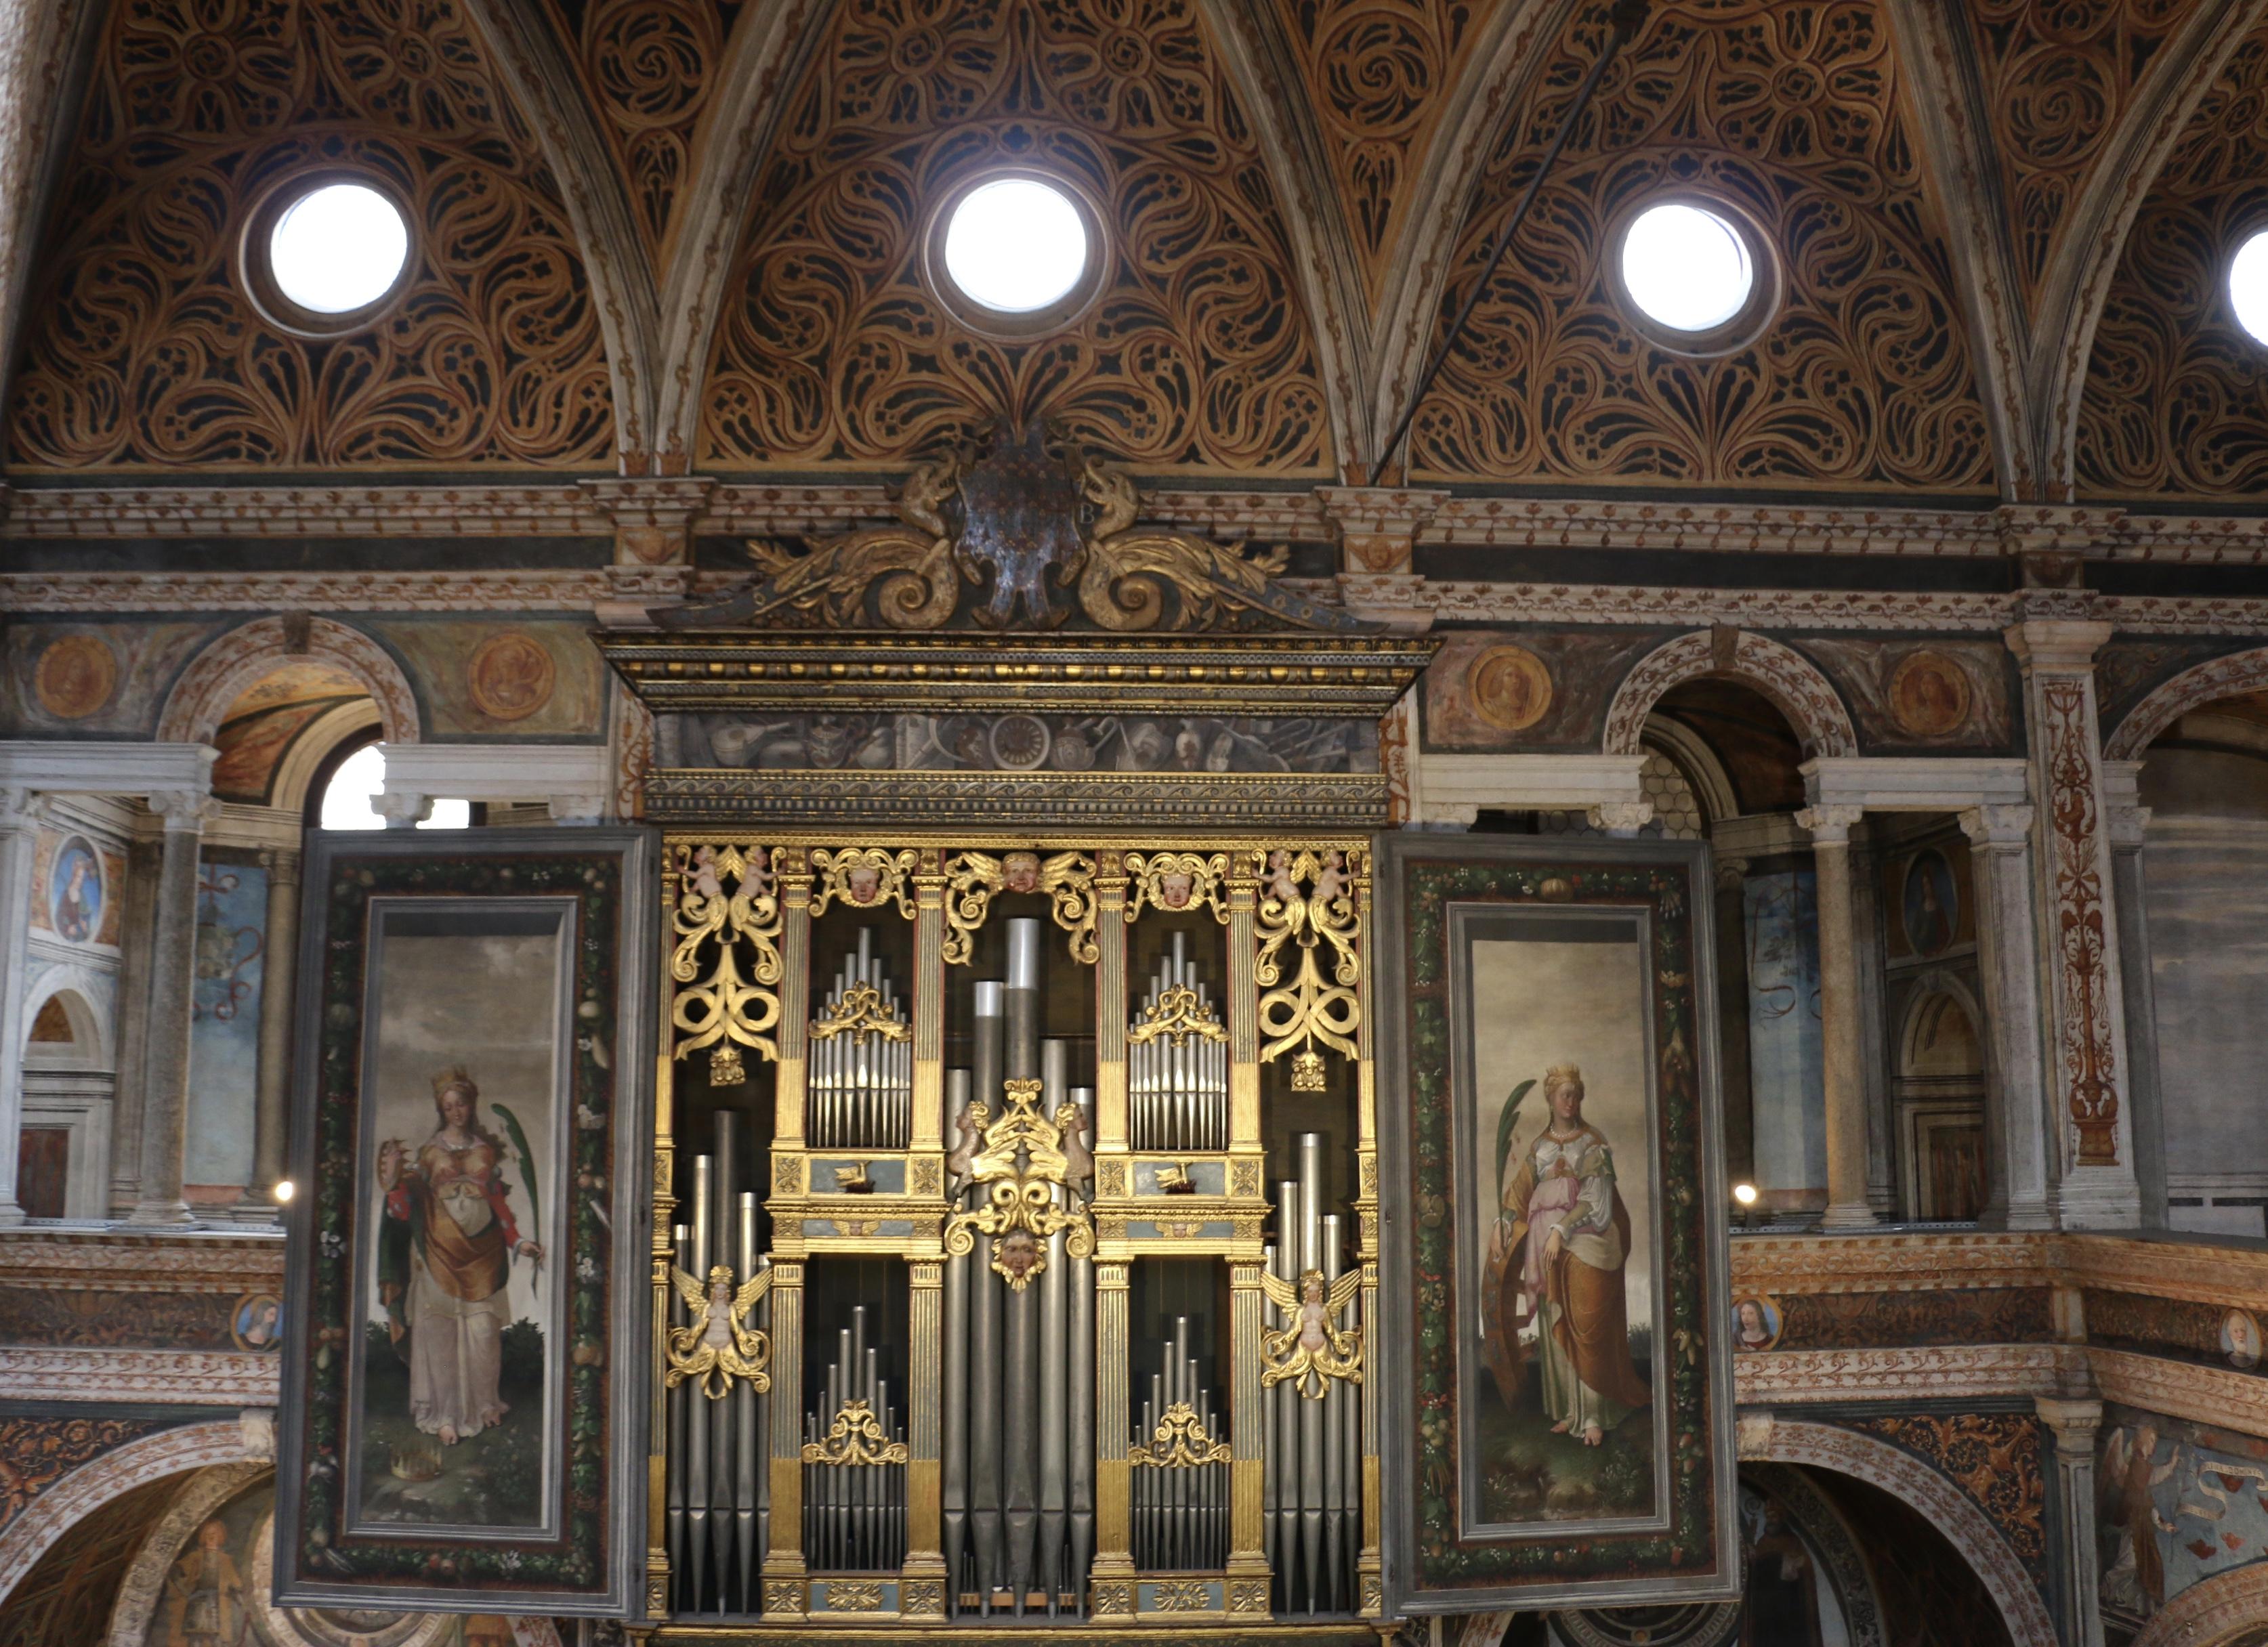 L'orgue commandé en 1554 à Gian Giacomo Antegnati est le plus ancien conservé de nos jours à Milan